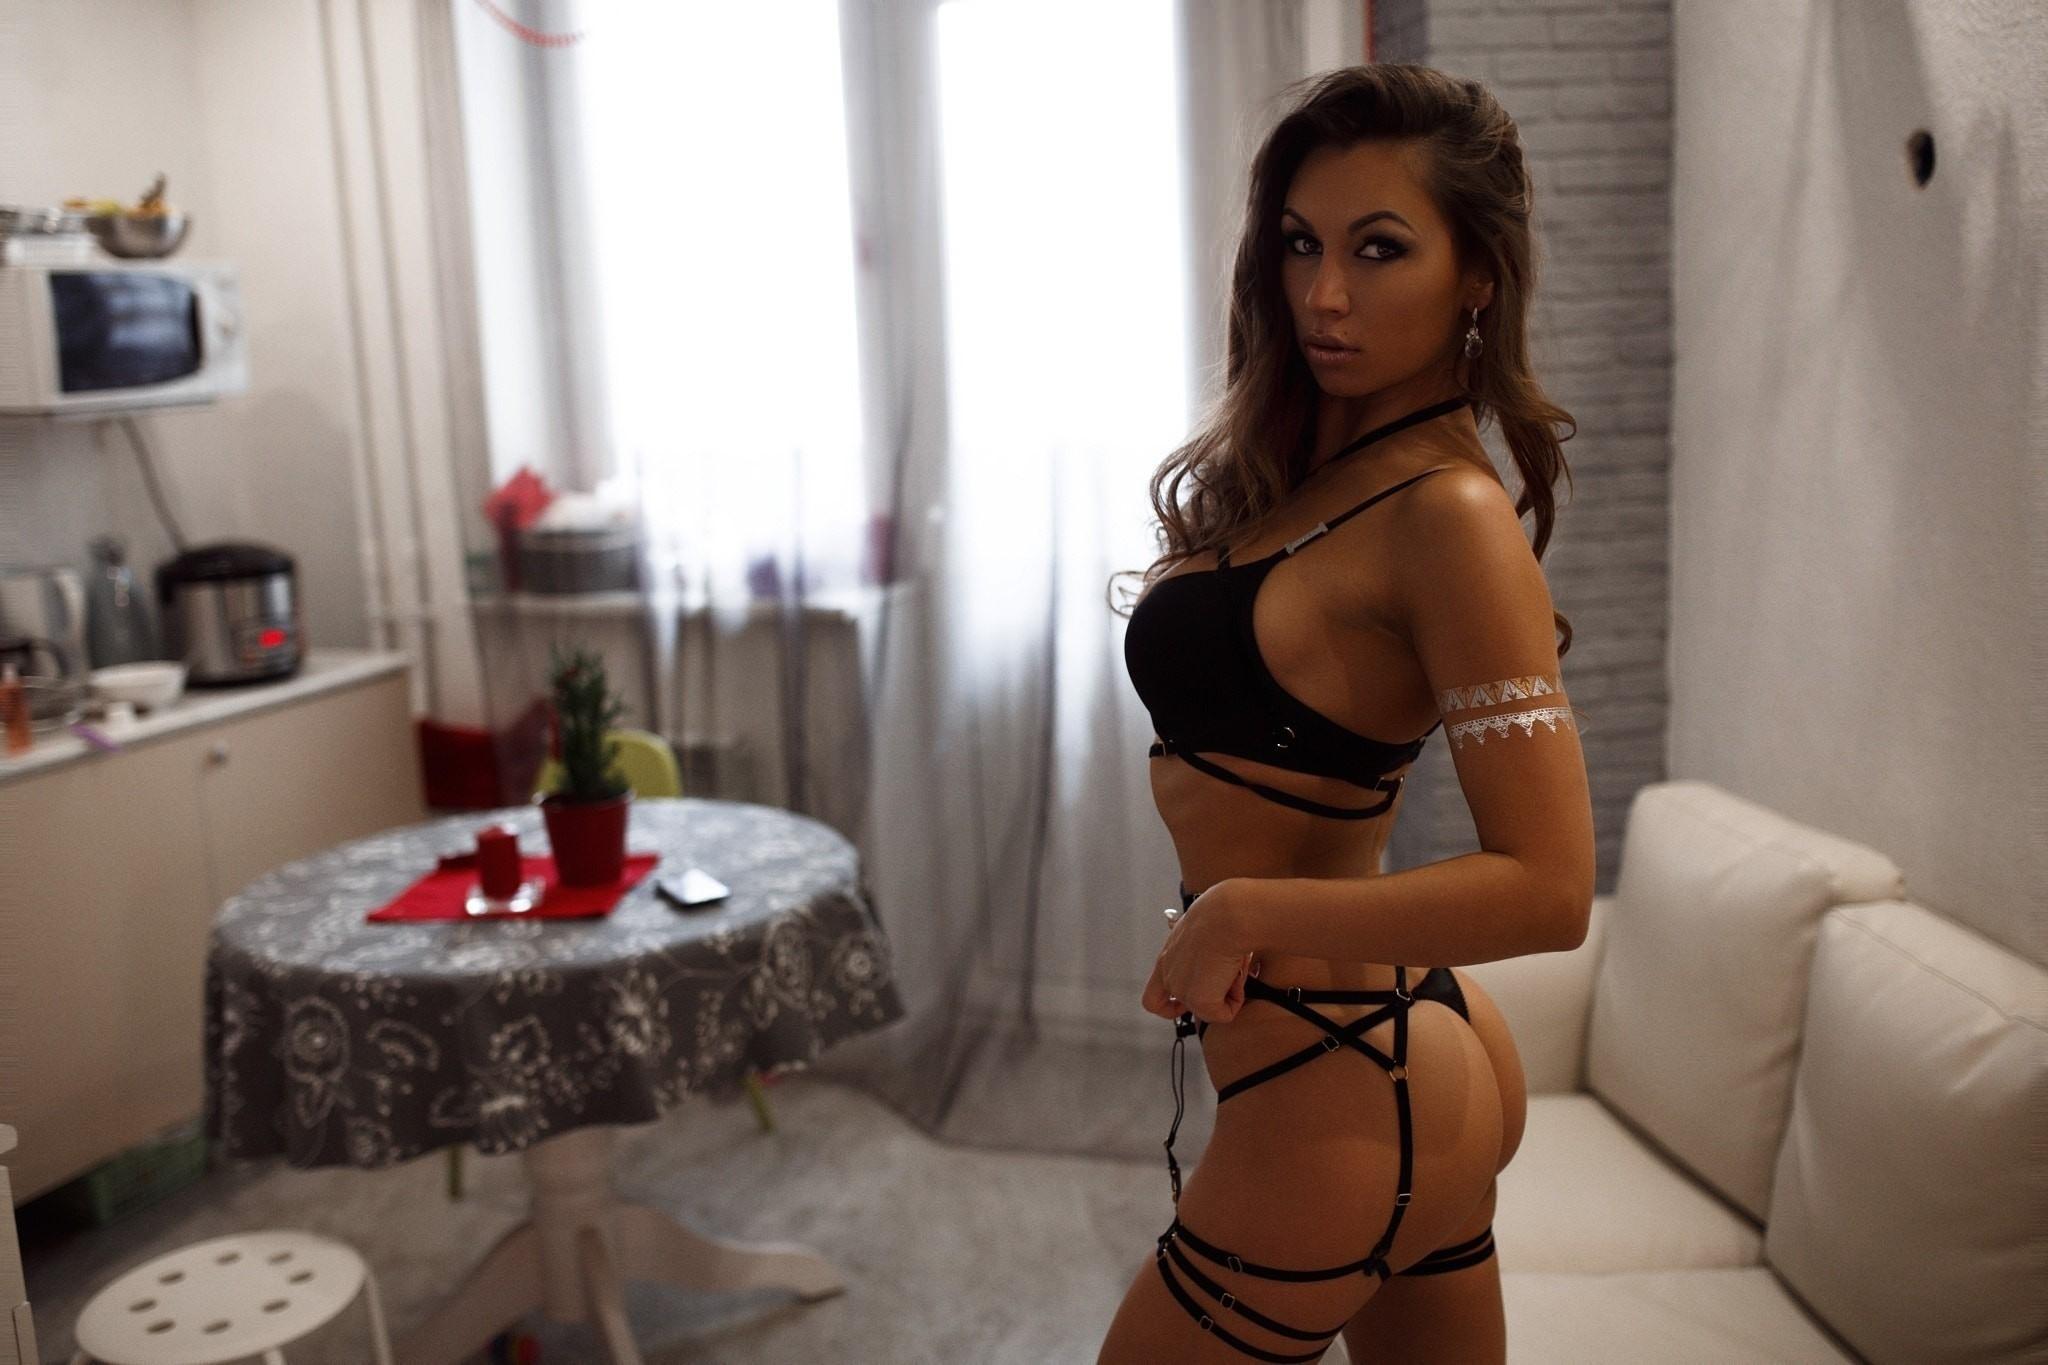 Фото Горячая телочка в эротических белье и подвязках на кухне, скачать картинку бесплатно